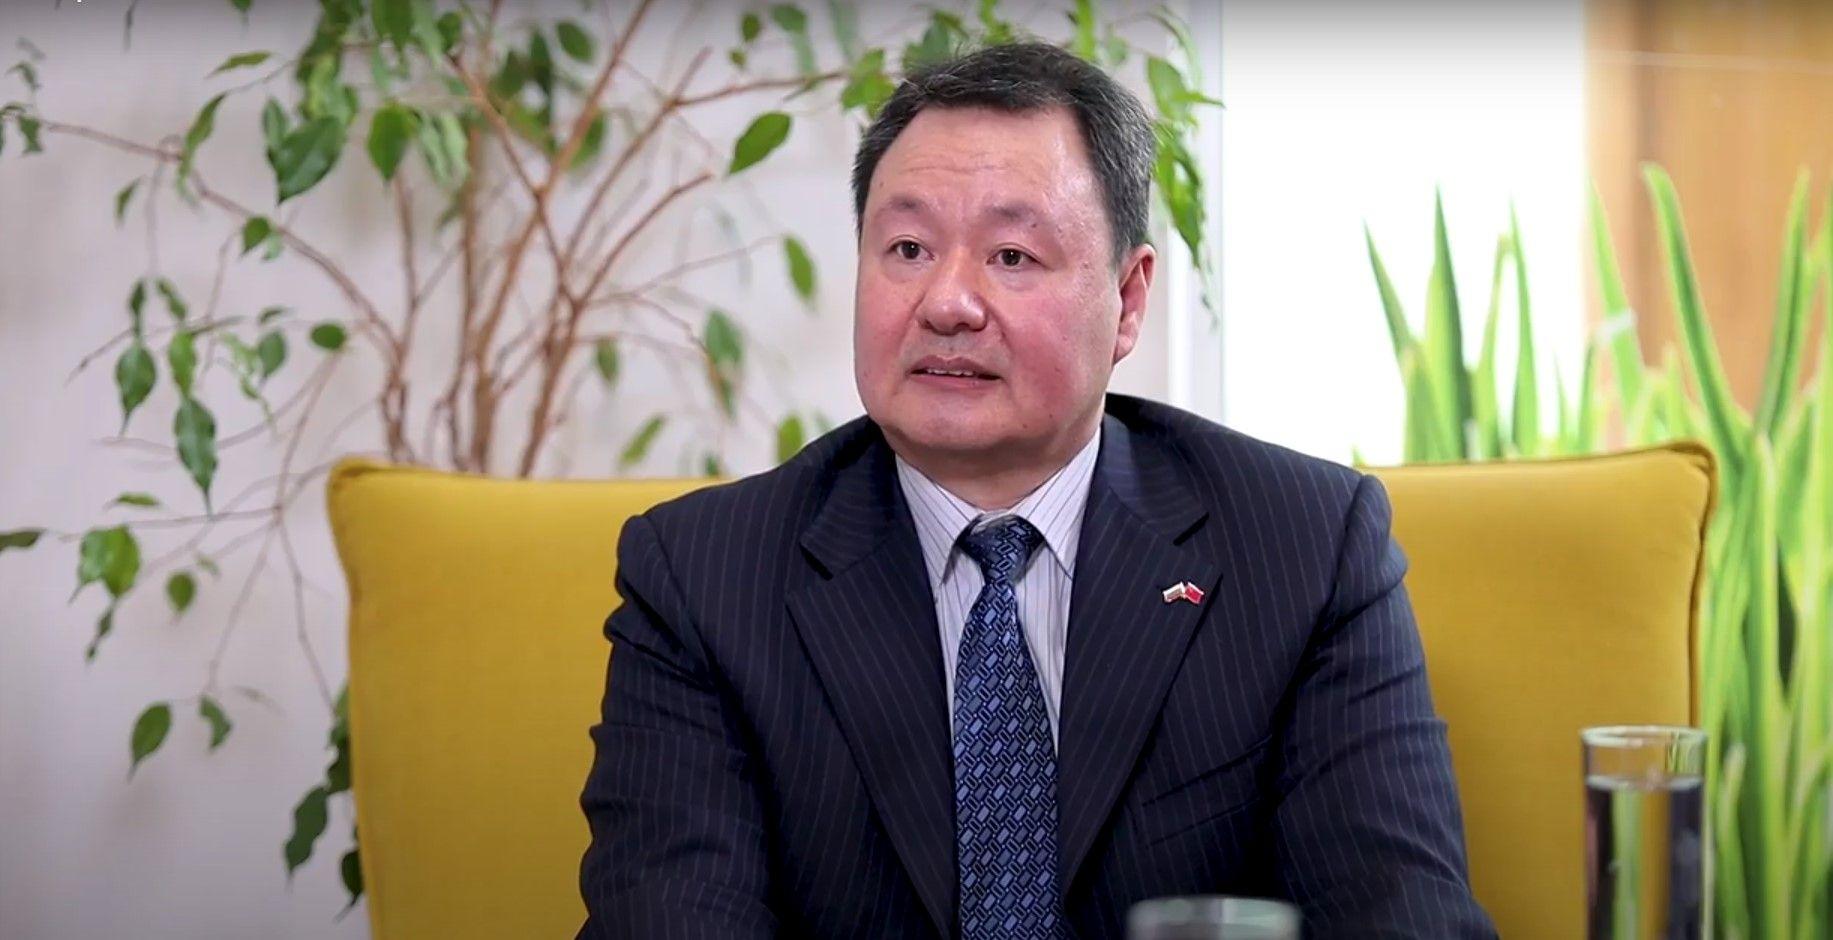 Политическият съветник към Н.П. посланика на КНР - Йен Дзиенцюн